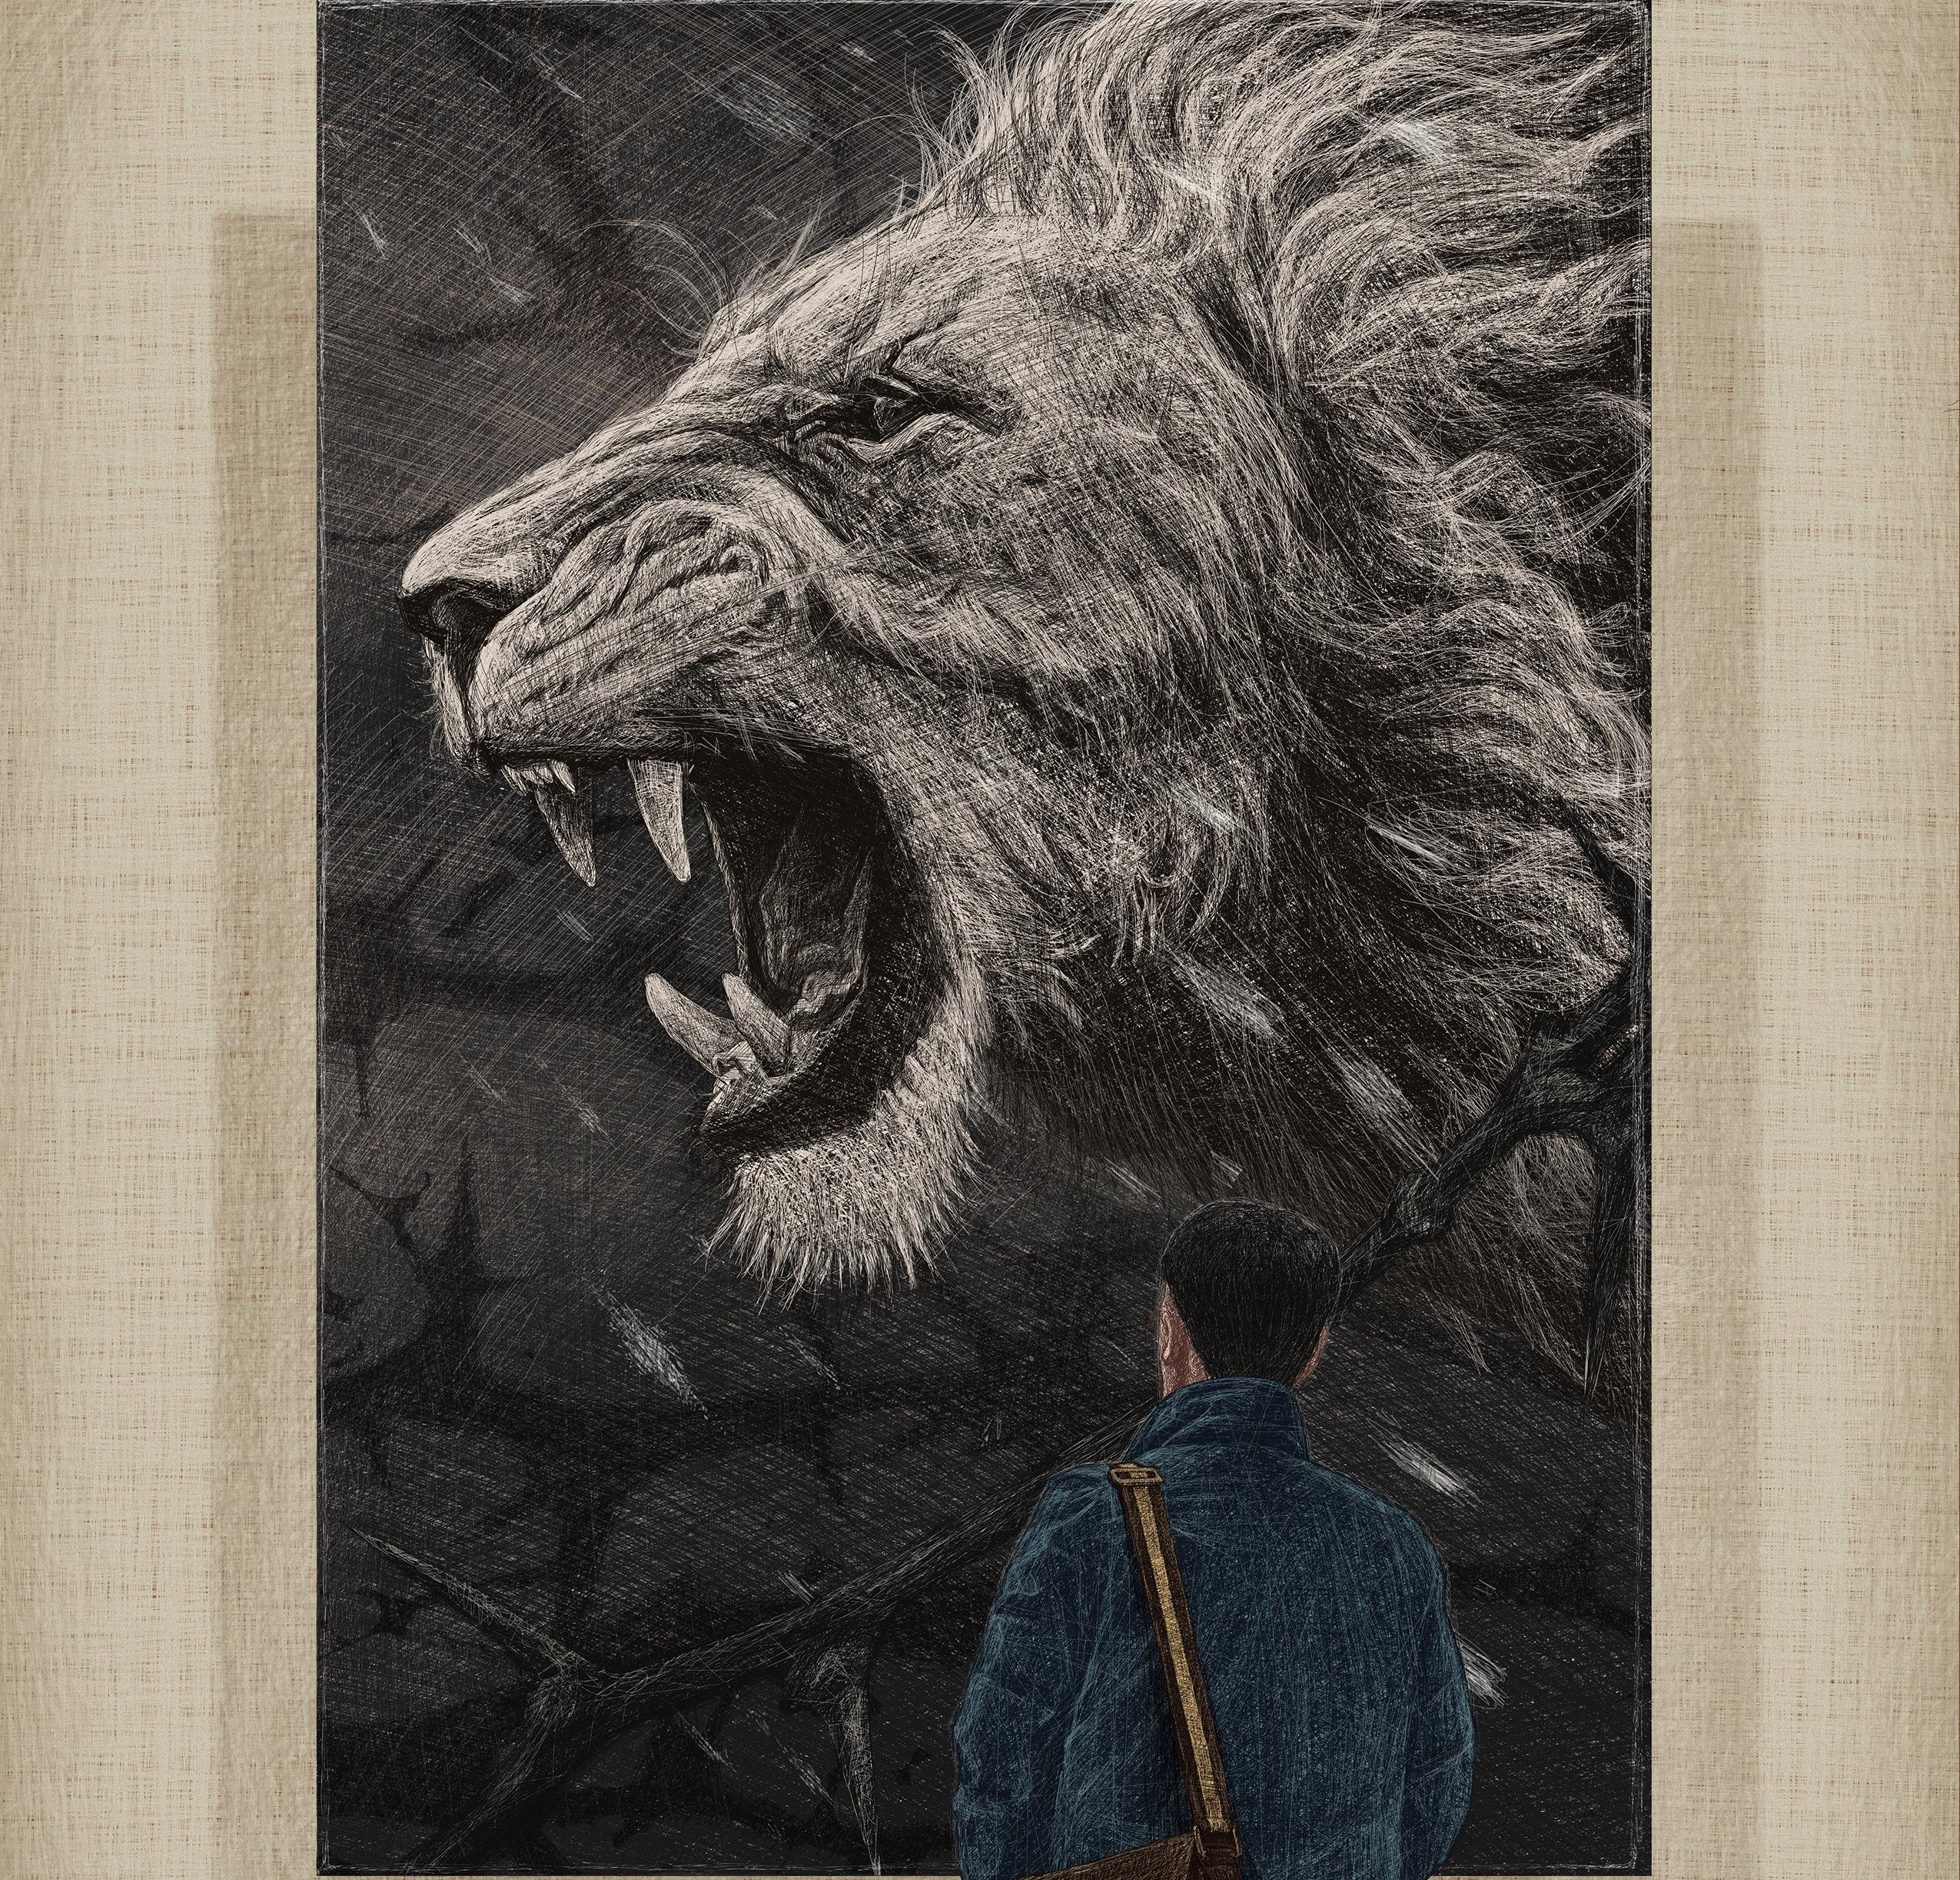 사자 그림을 보고 있는 남자